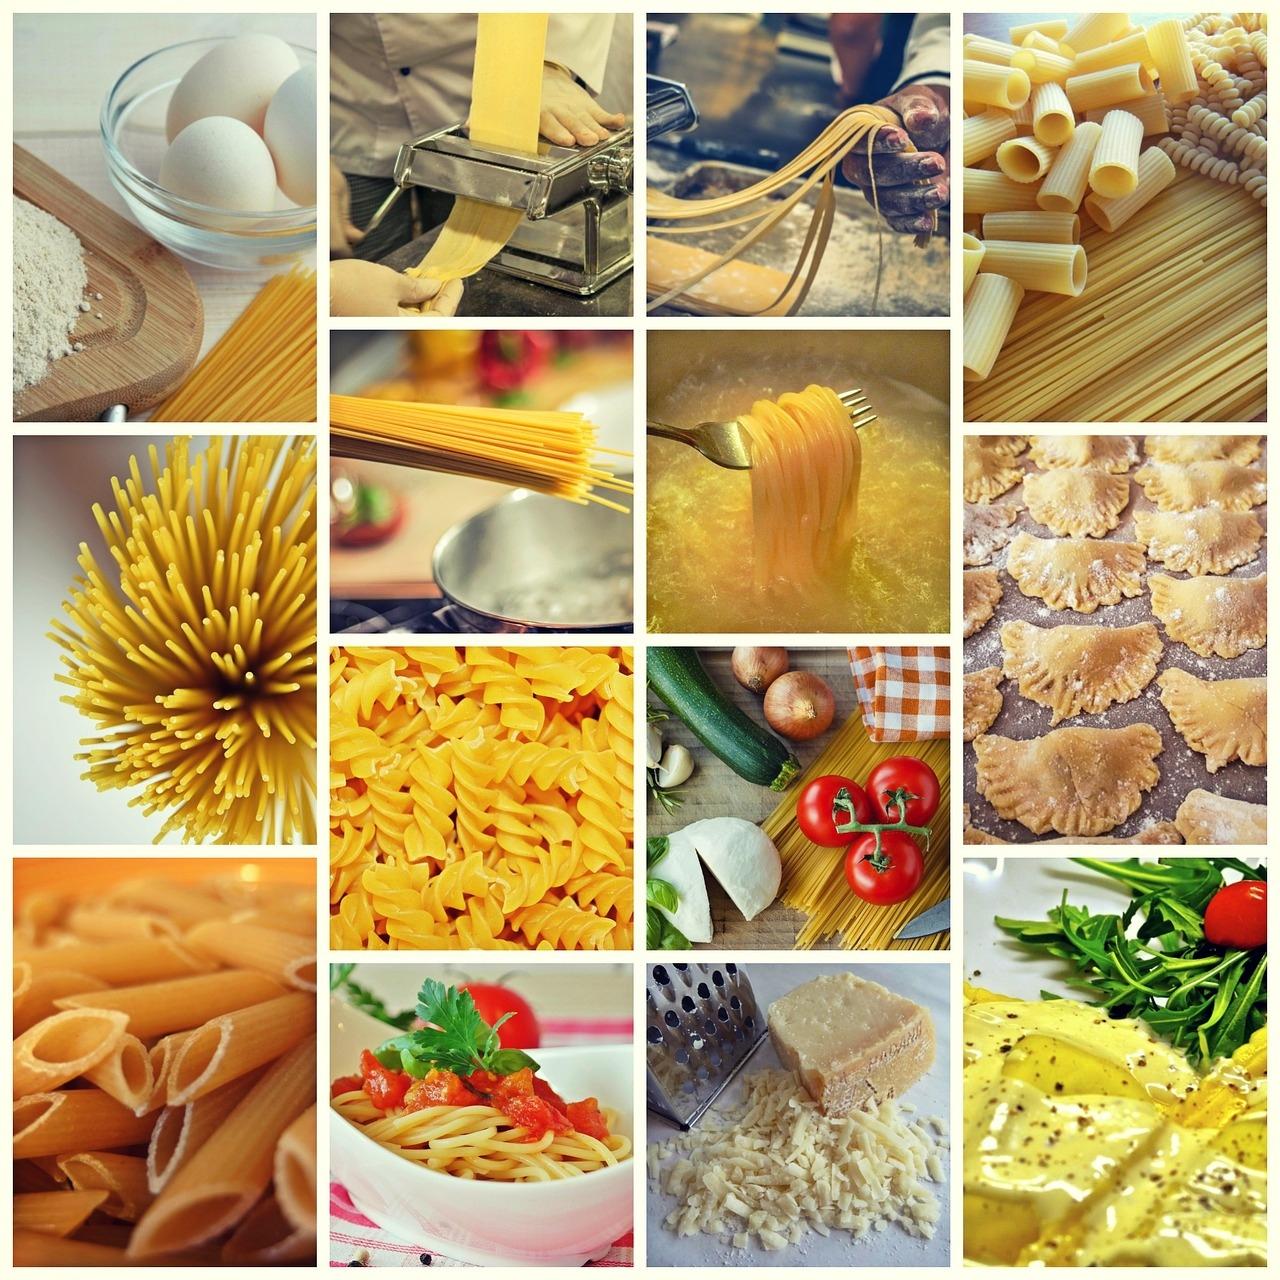 Cene con Chef e Corsi di cucina - leMaggioline